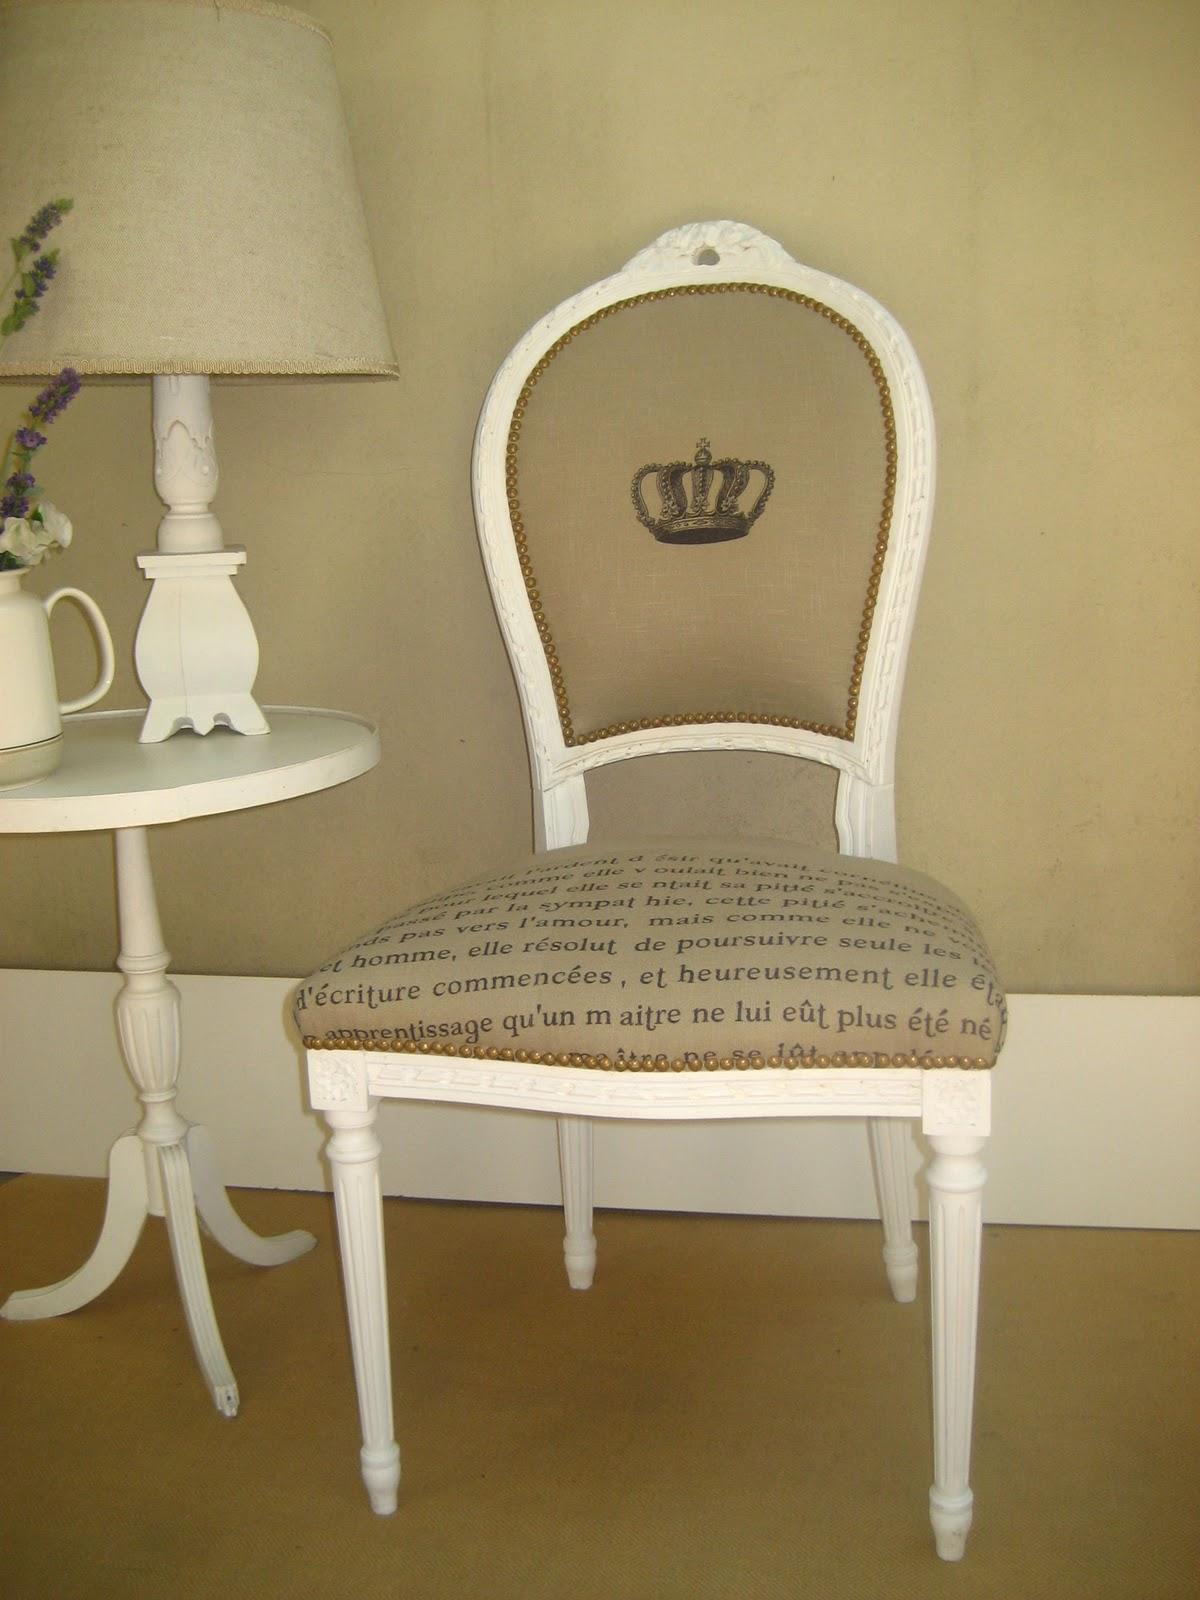 Emma peel deco silla luis xvi vivre la france - Sillas luis xvi baratas ...